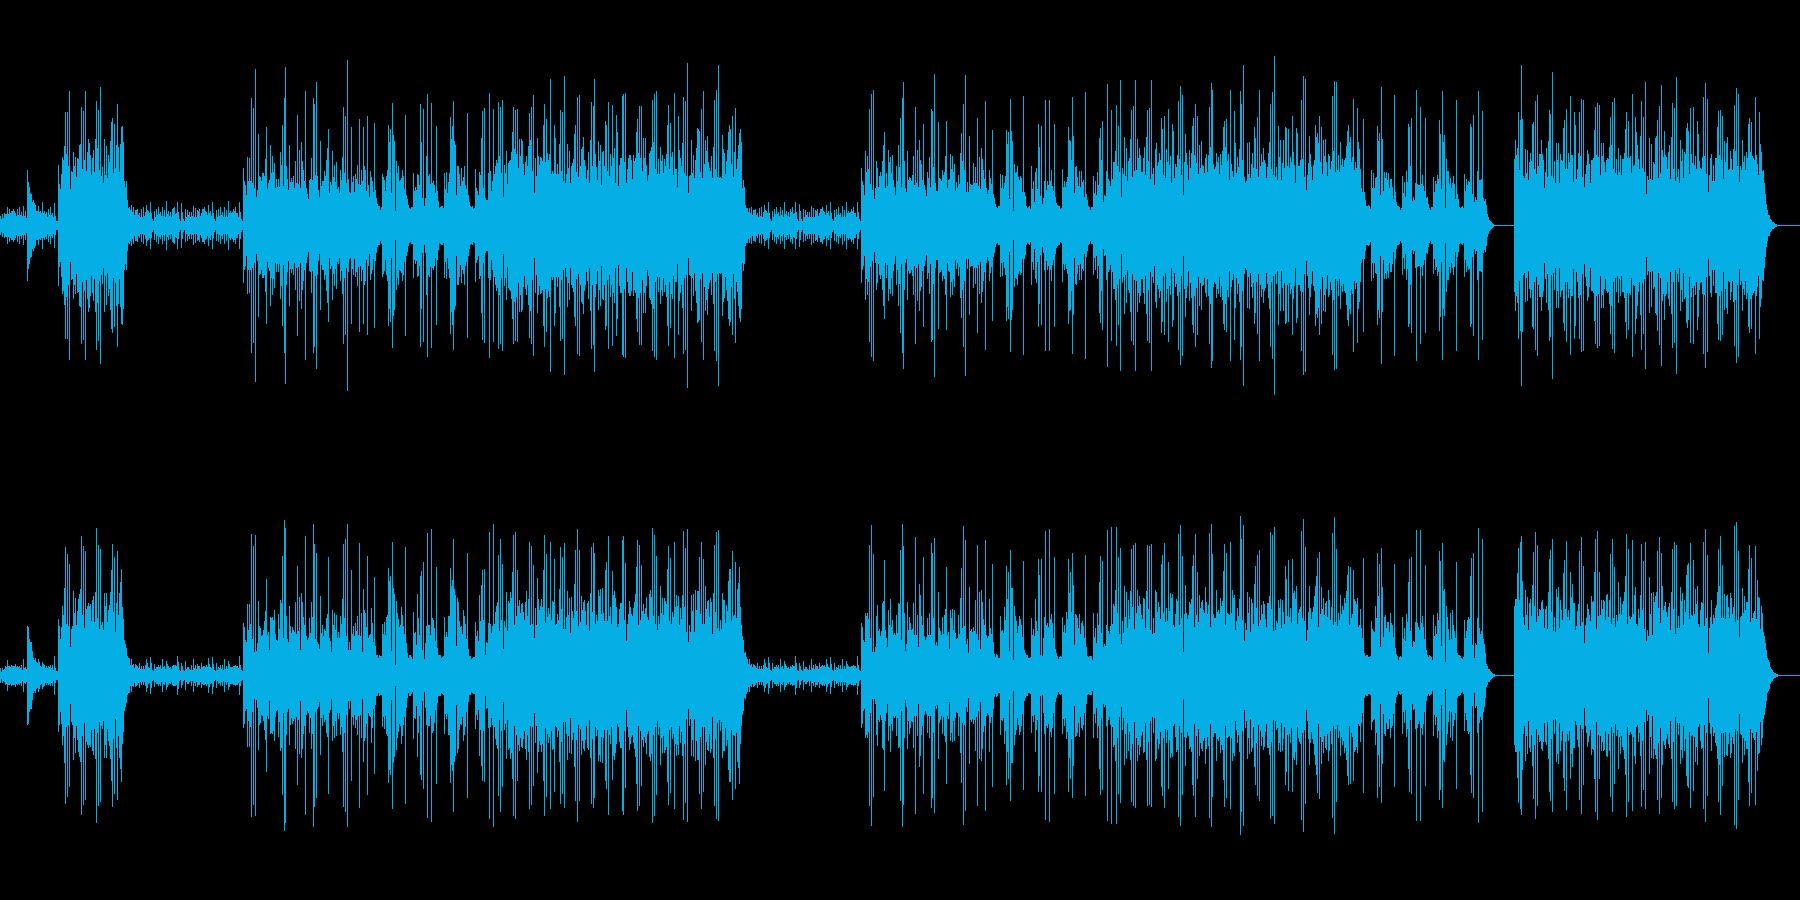 和太鼓/三味線/琴/和風/クランク#2の再生済みの波形